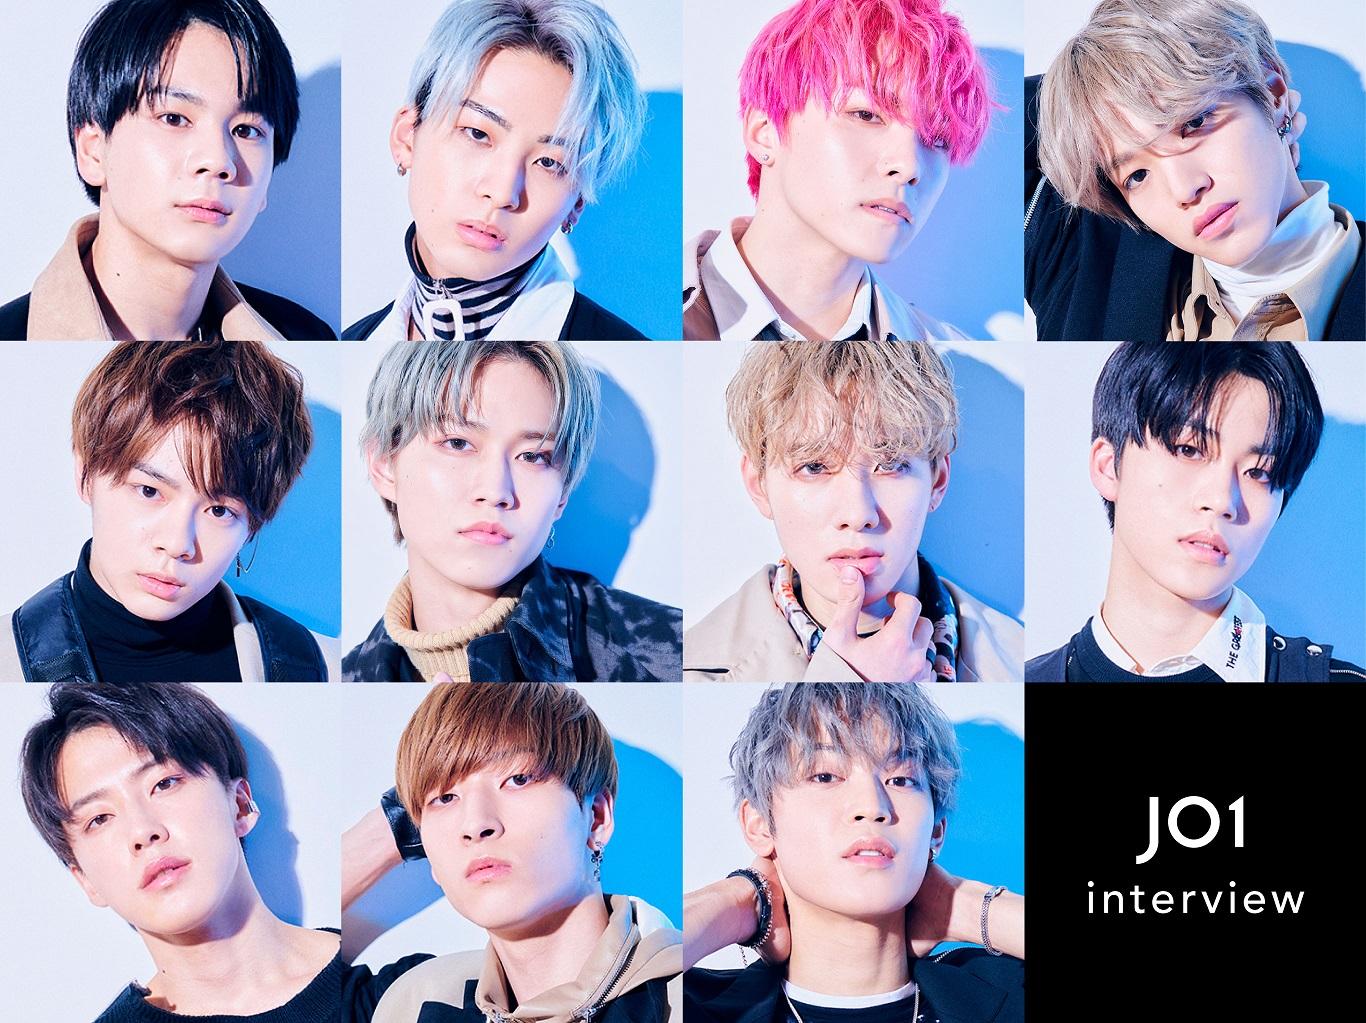 選ばれし11人の素顔がわかる!『PRODUCE 101 JAPAN』発・JO1メンバー一問一答